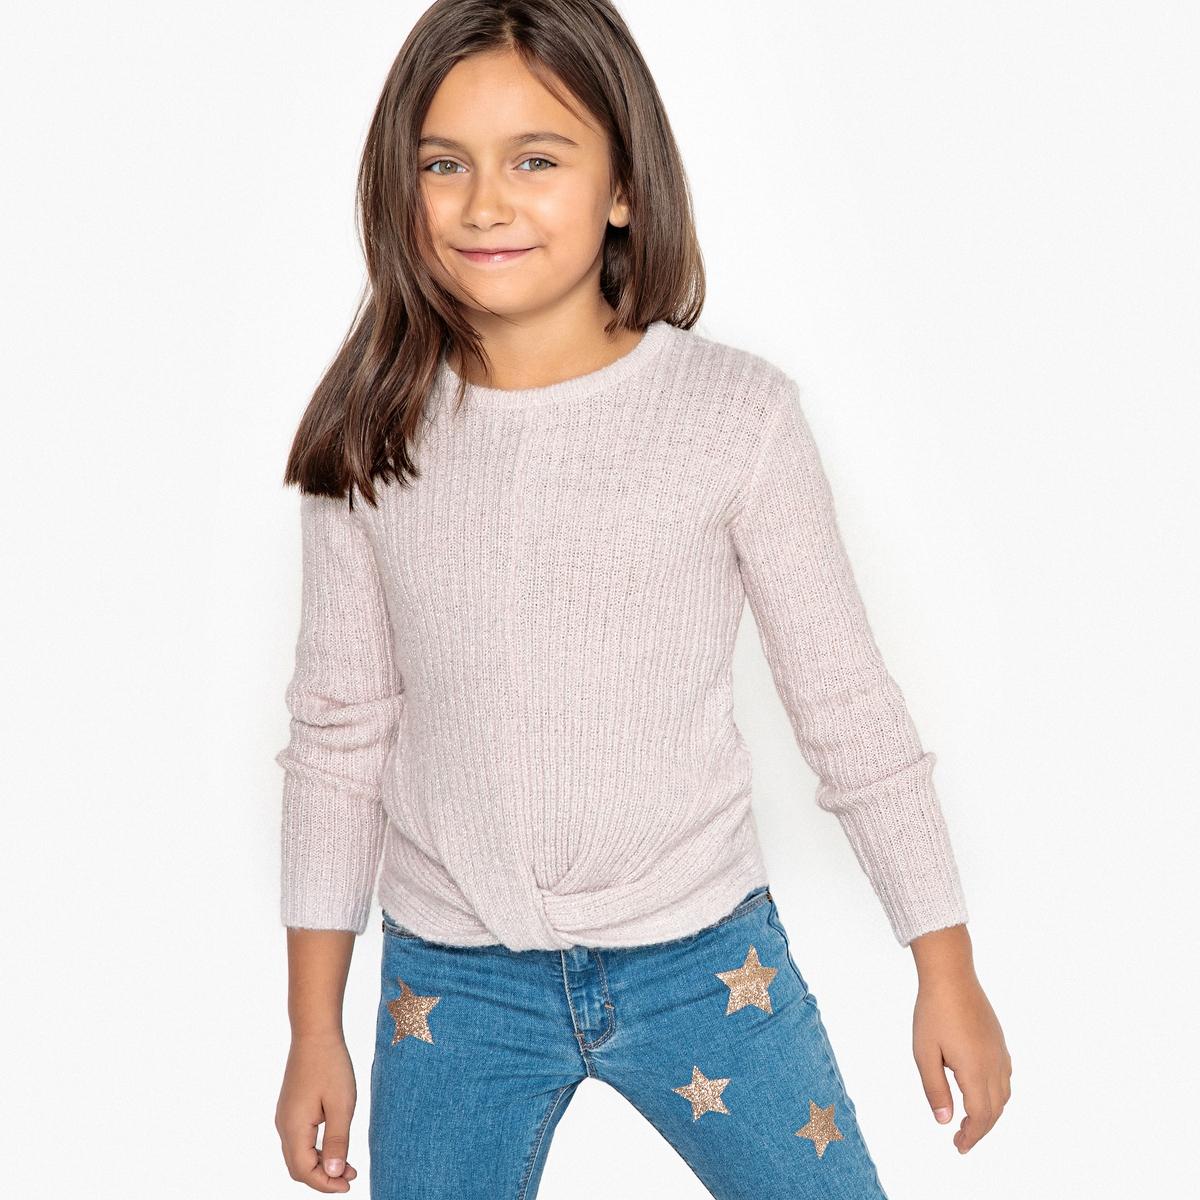 Пуловер La Redoute Из блестящего трикотажа с аппликацией спереди 3 года - 94 см розовый пуловер из блестящего трикотажа 3 12 лет